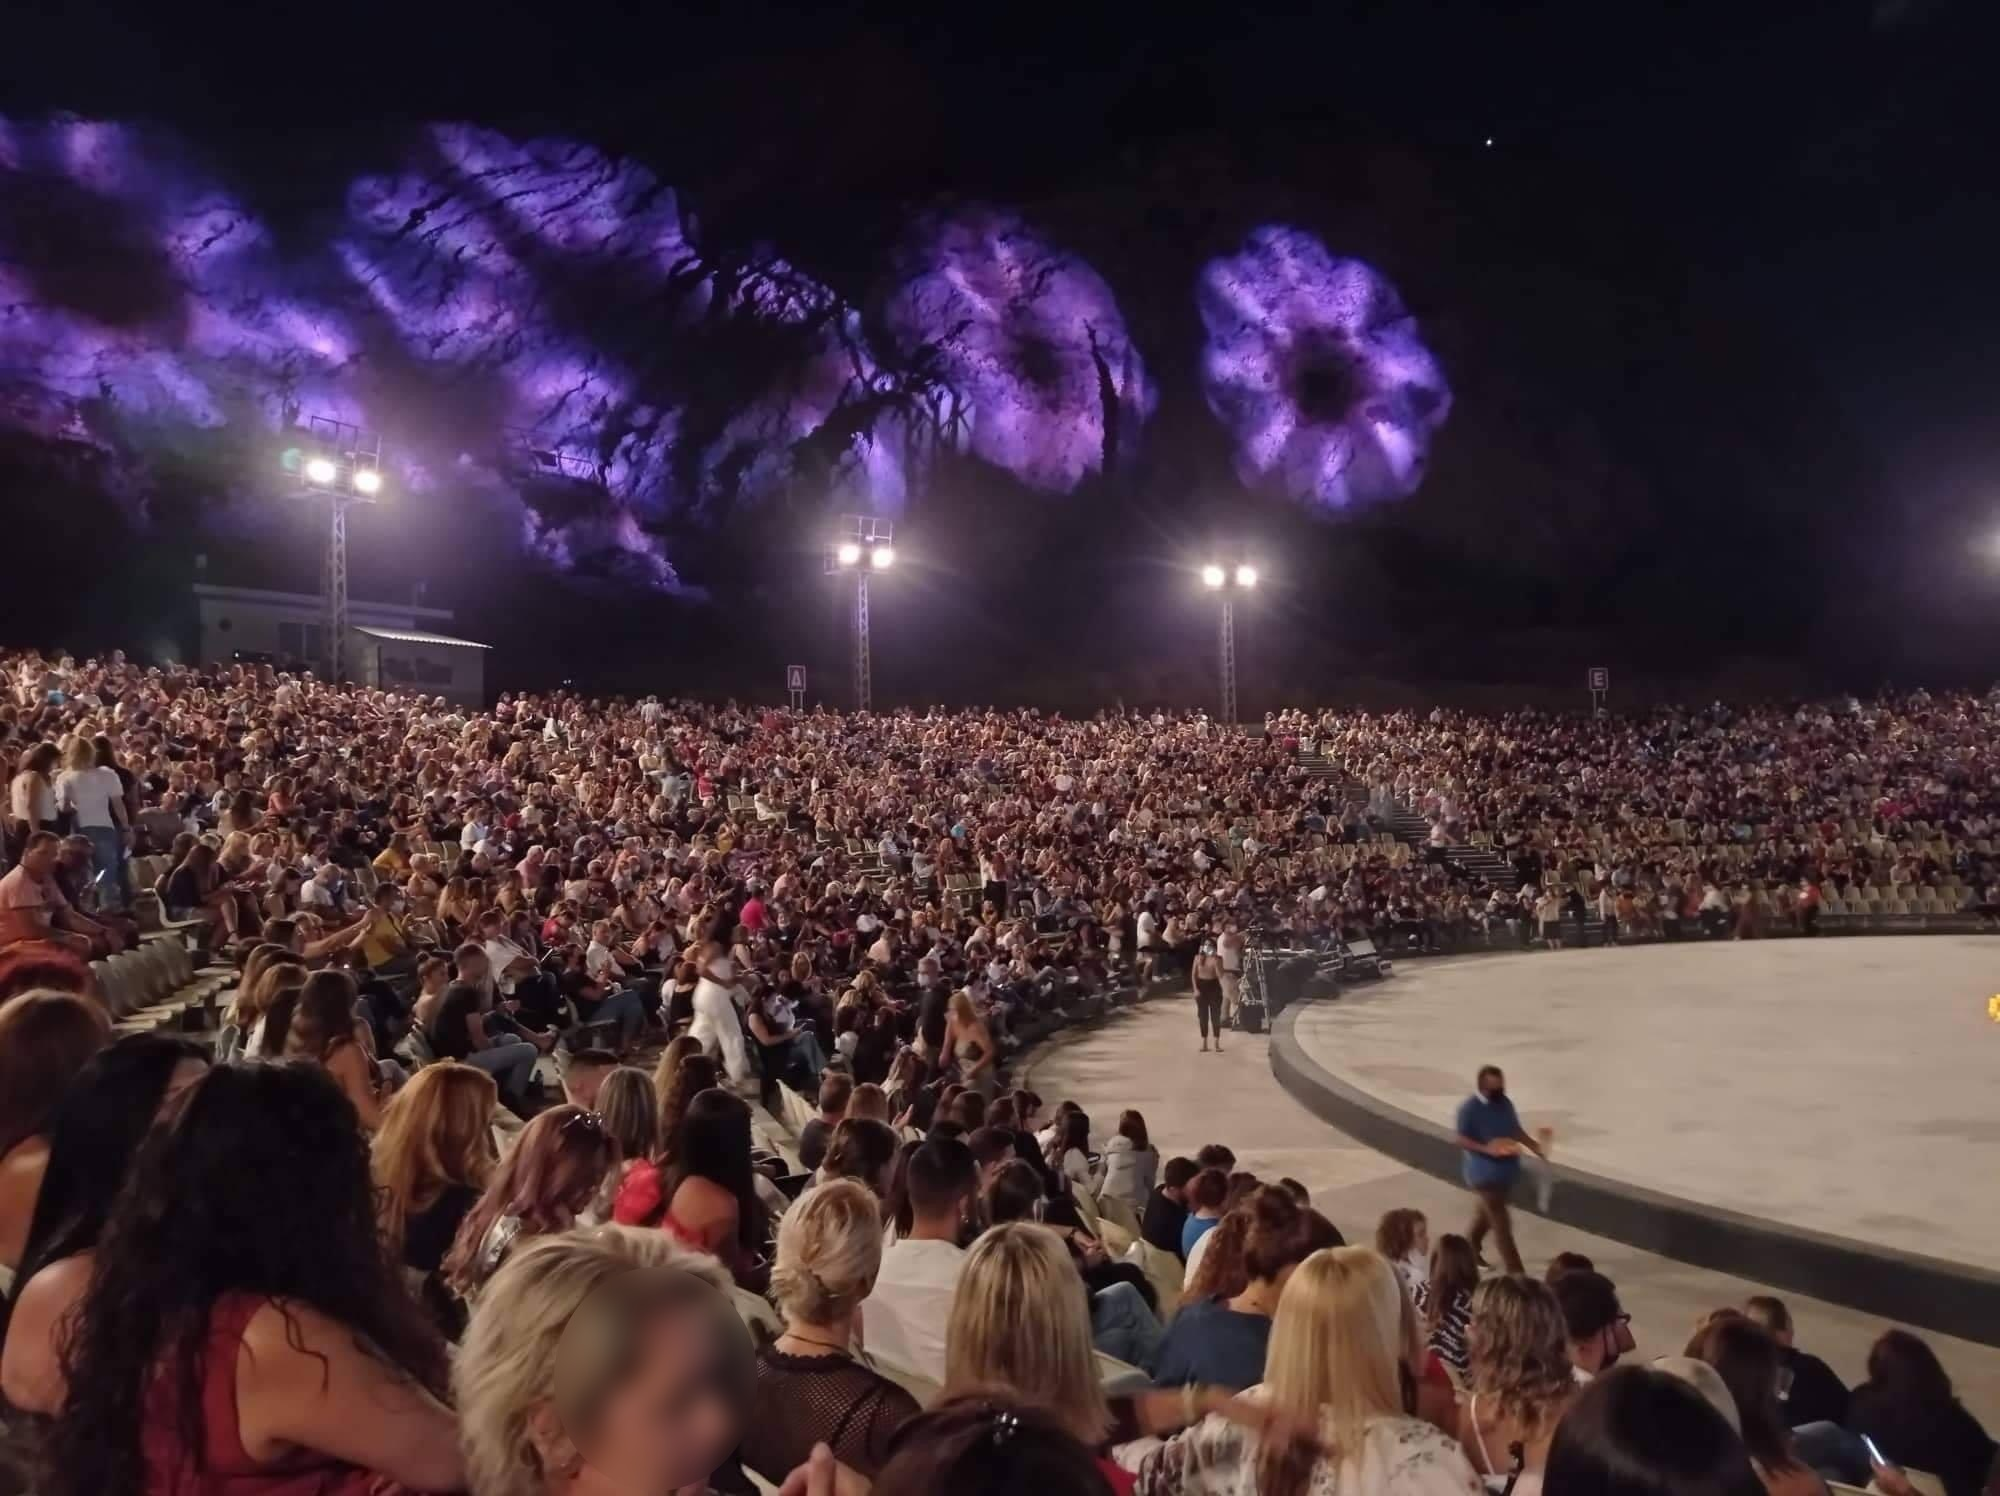 Νατάσα Θεοδωρίδου: Σάλος από τις εικόνες συνωστισμού στην συναυλία της στο Κατράκειο (pics)